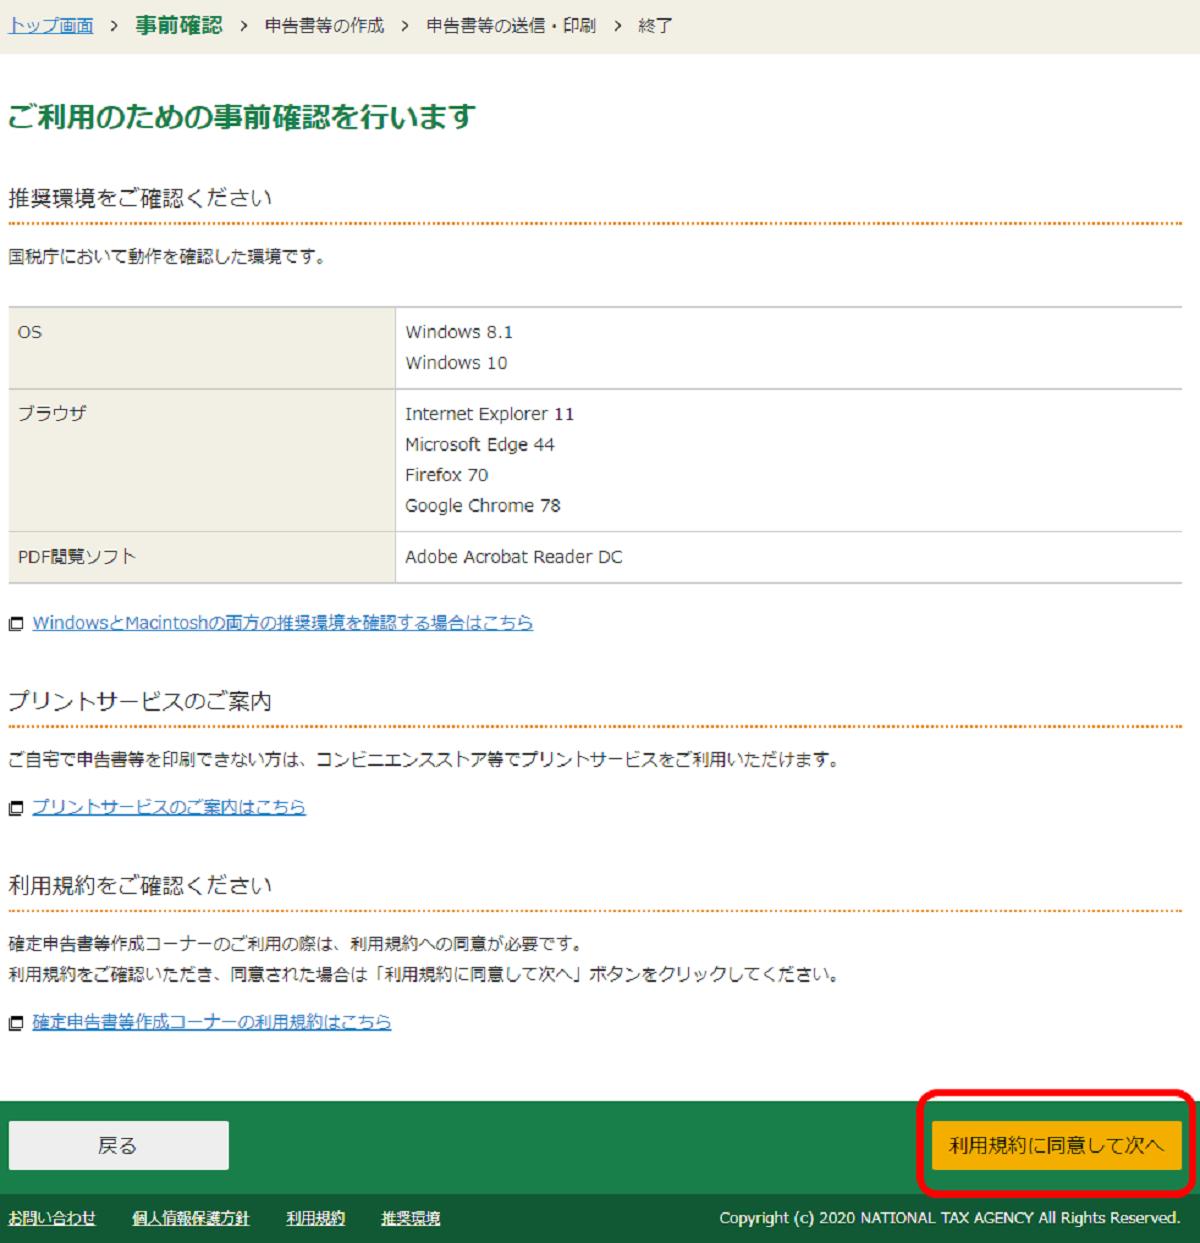 国税庁確定申告書等作成コーナーのページのスクリーンショット(ご利用のための事前確認のページ)